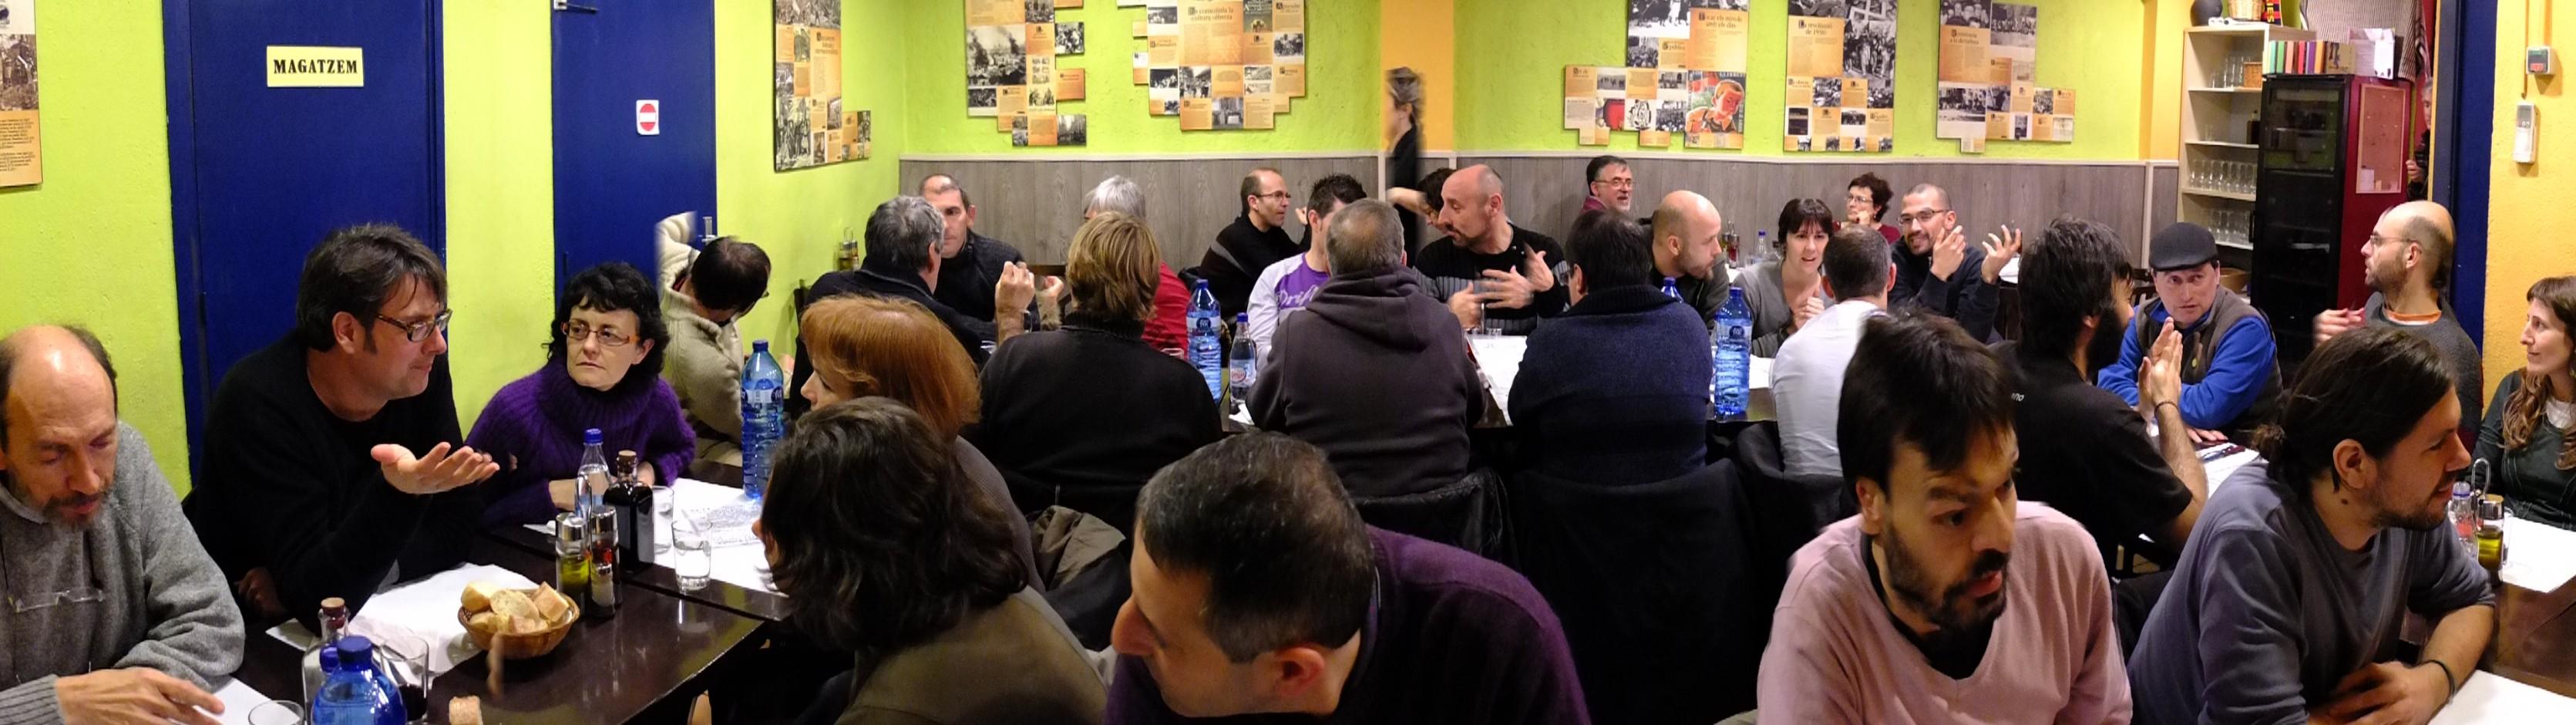 Cena grupos locales febrero 2013